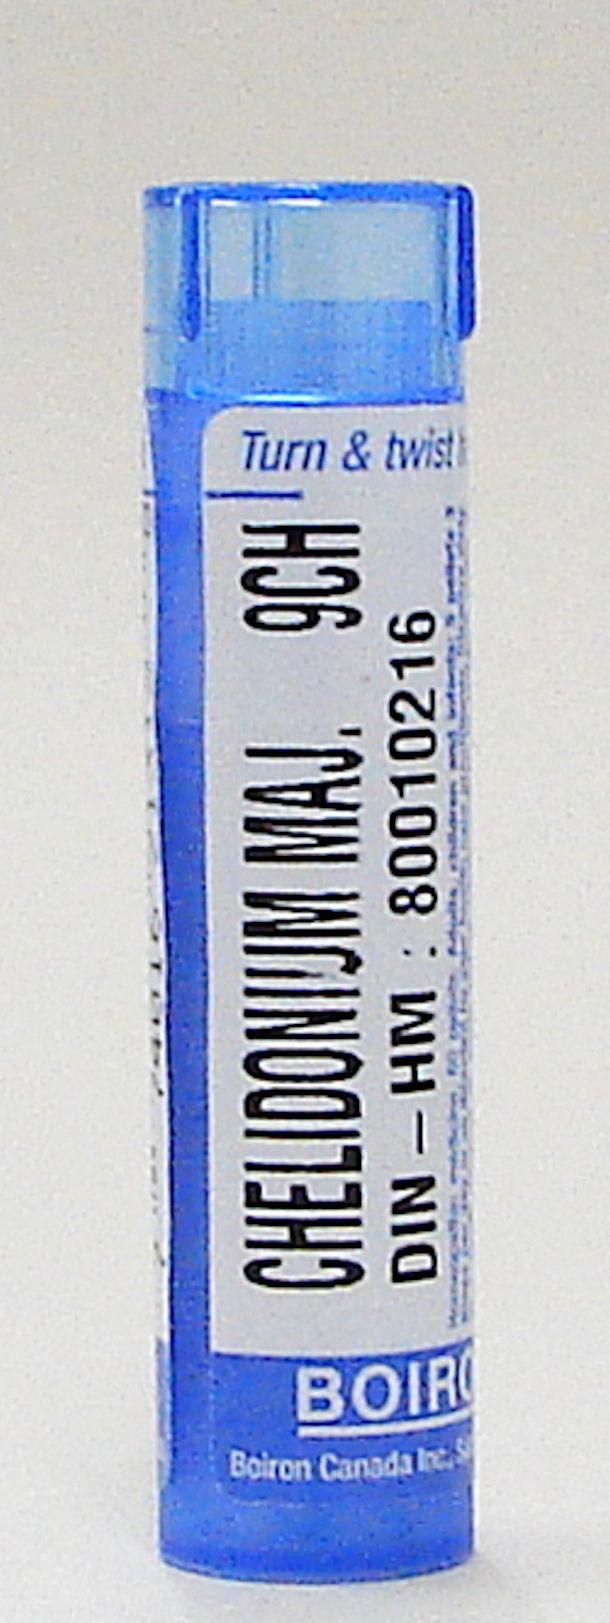 chelidonium majus 30ch sublingual pellets (boiron)